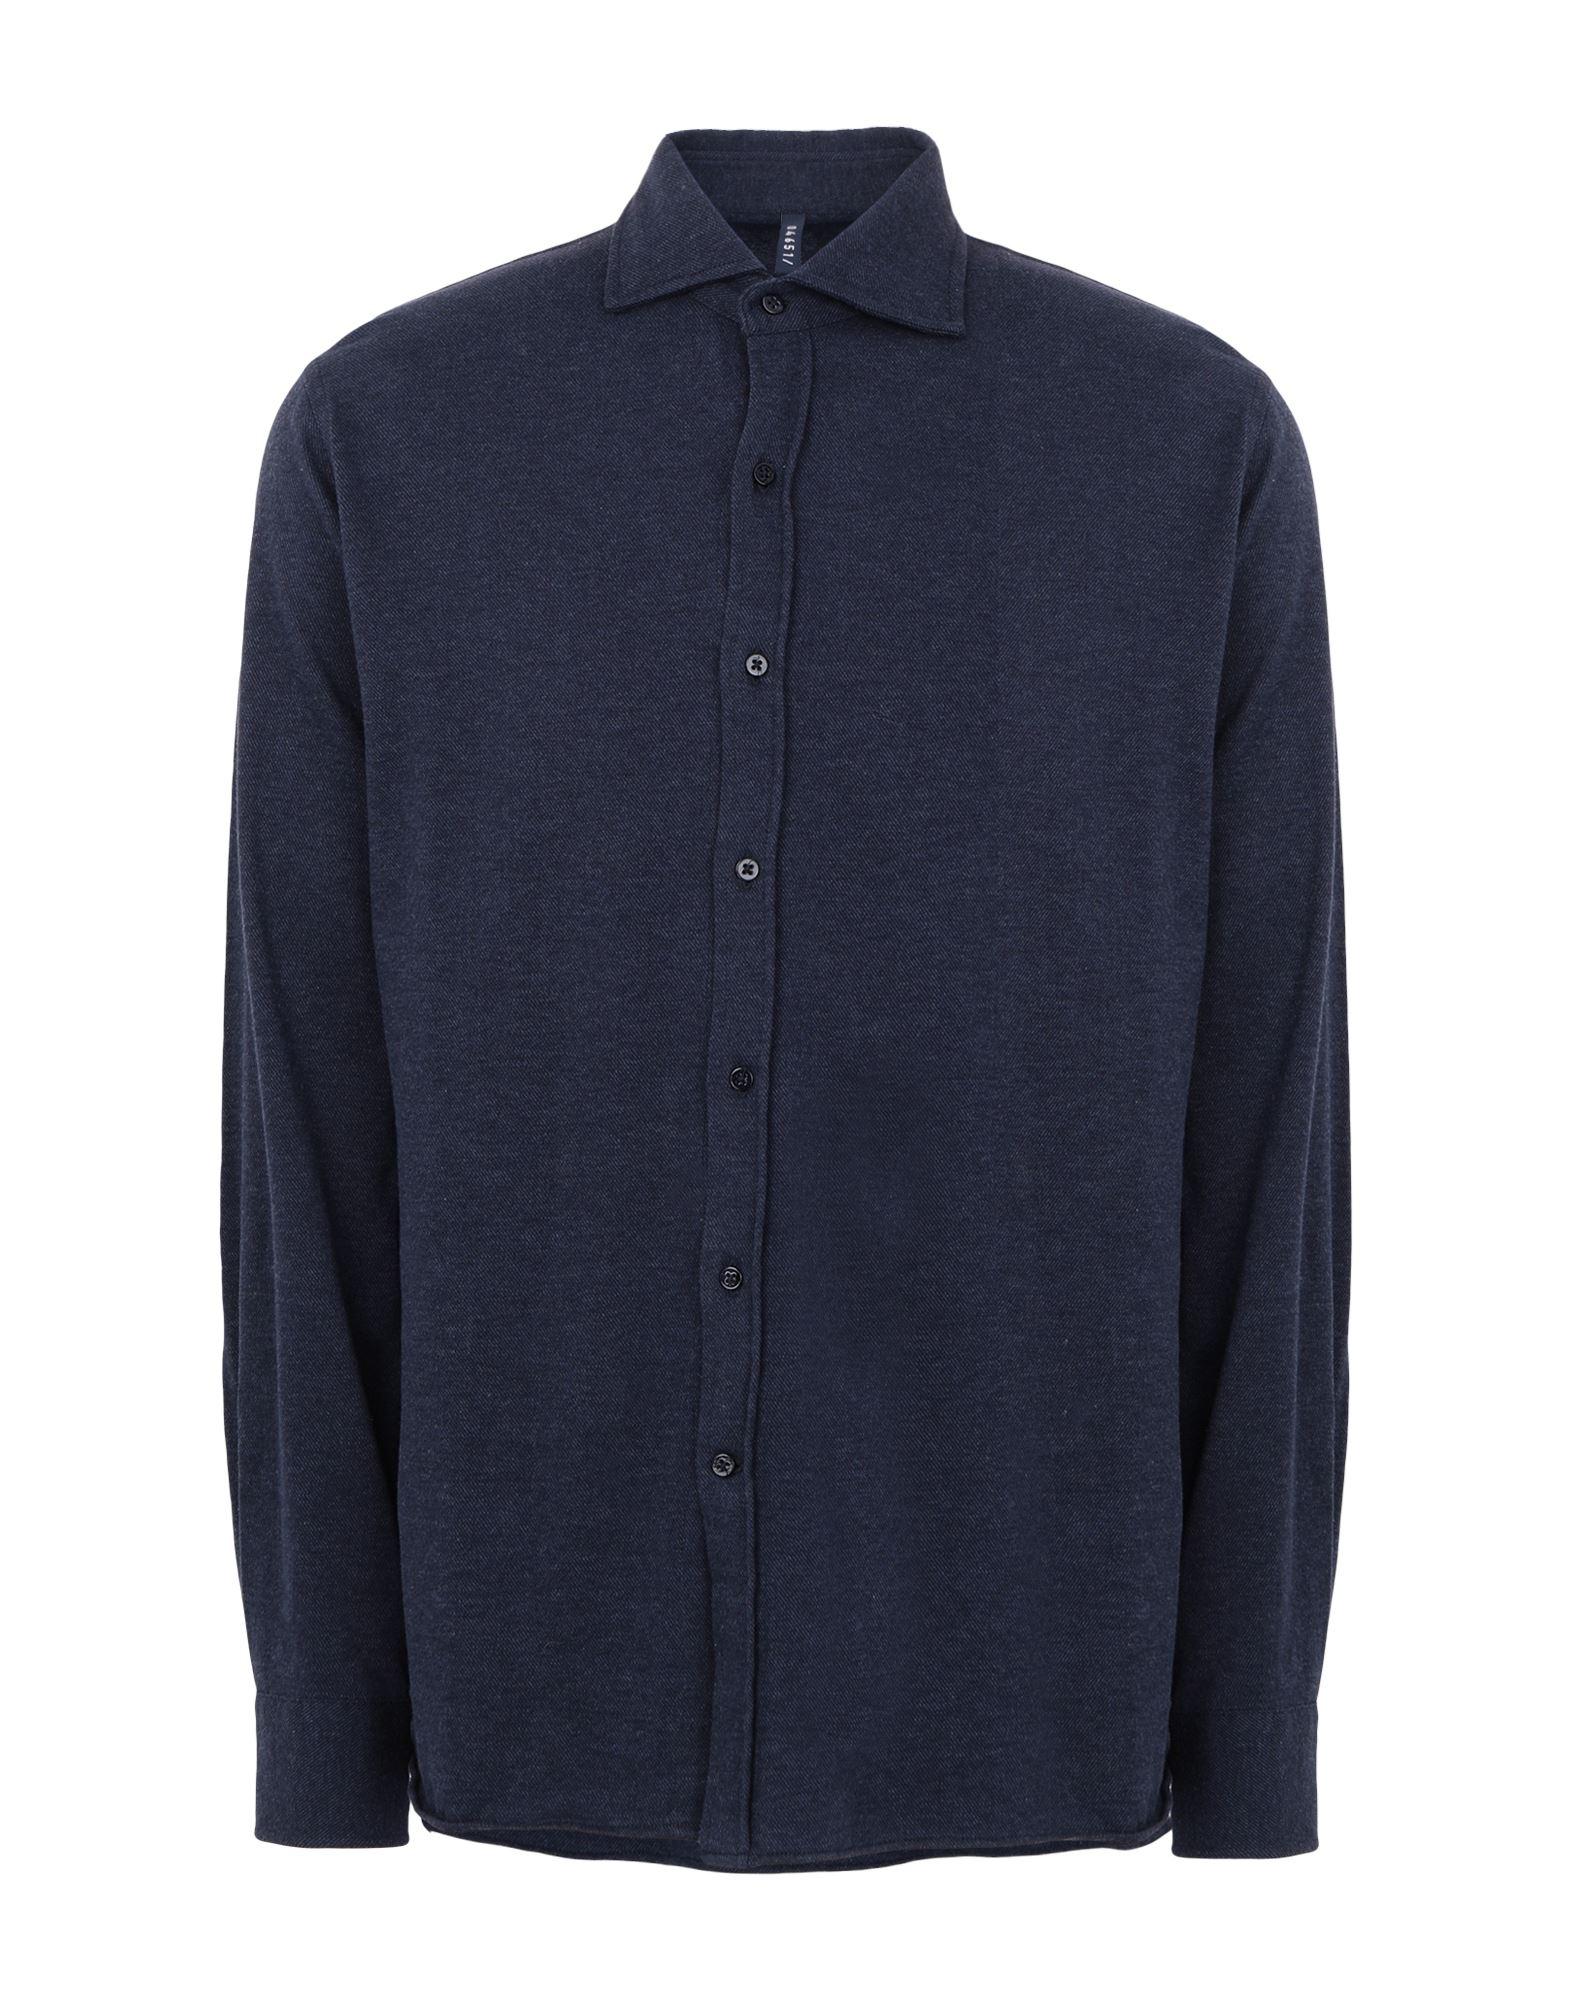 04651/a Trip In A Bag Shirts In Dark Blue